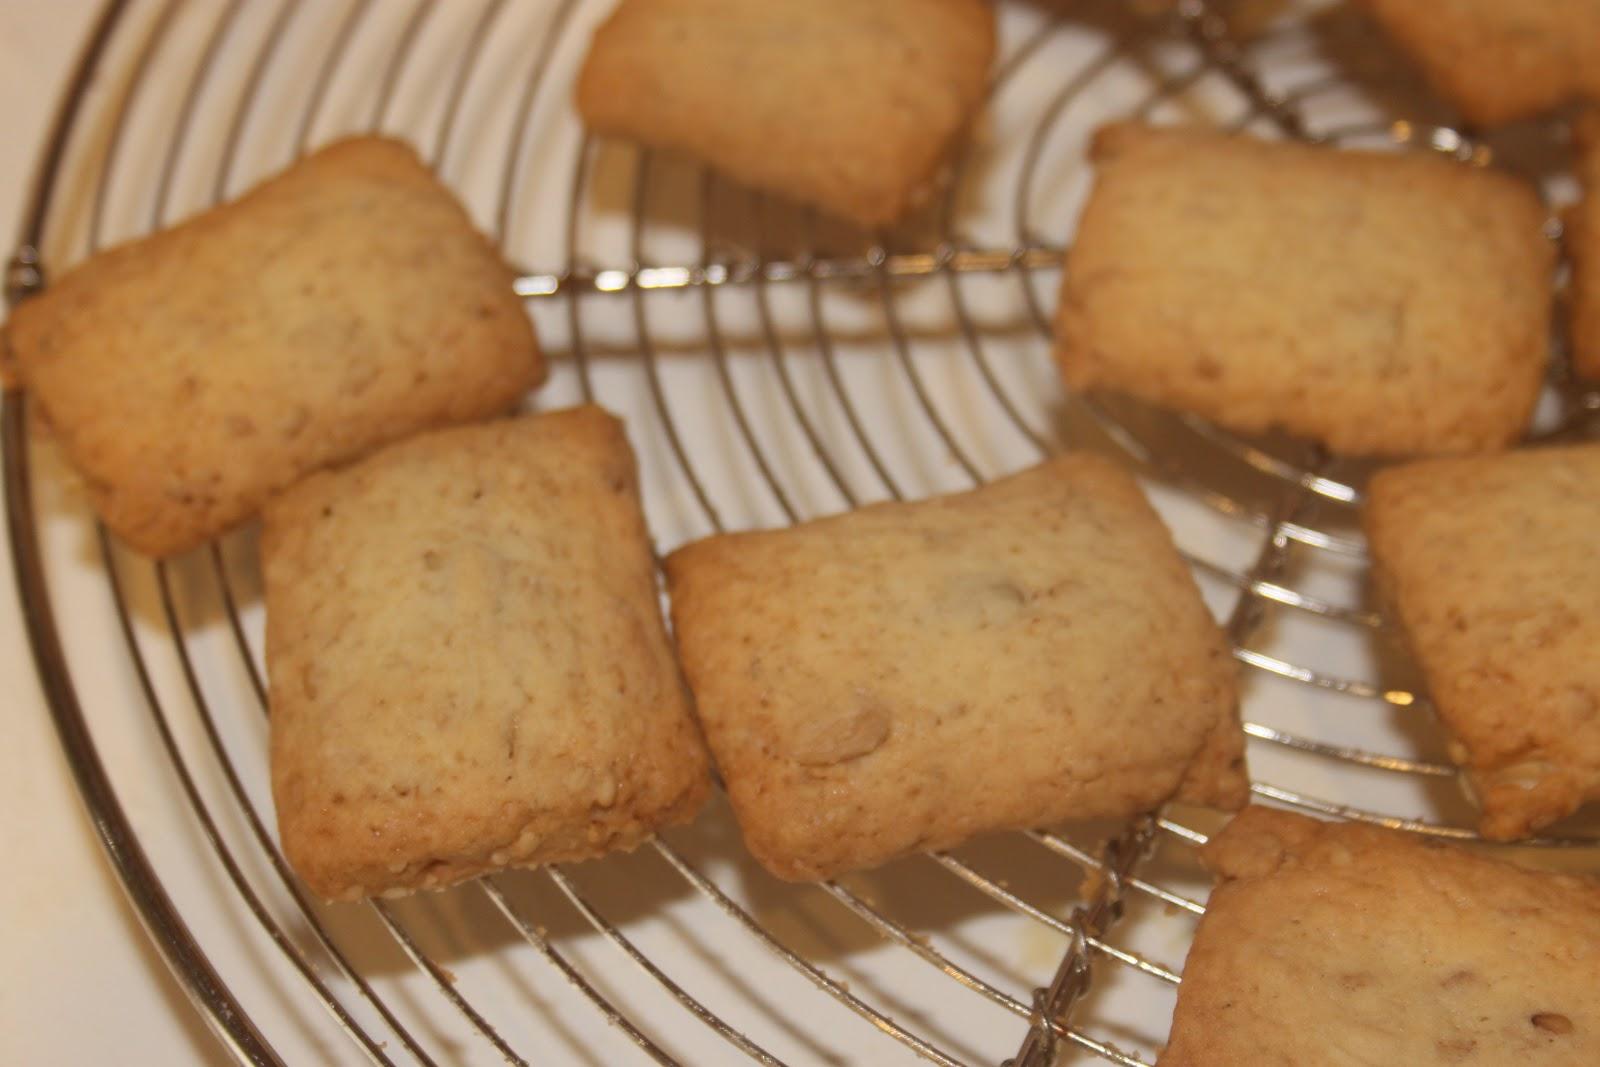 biscuits duché chablis